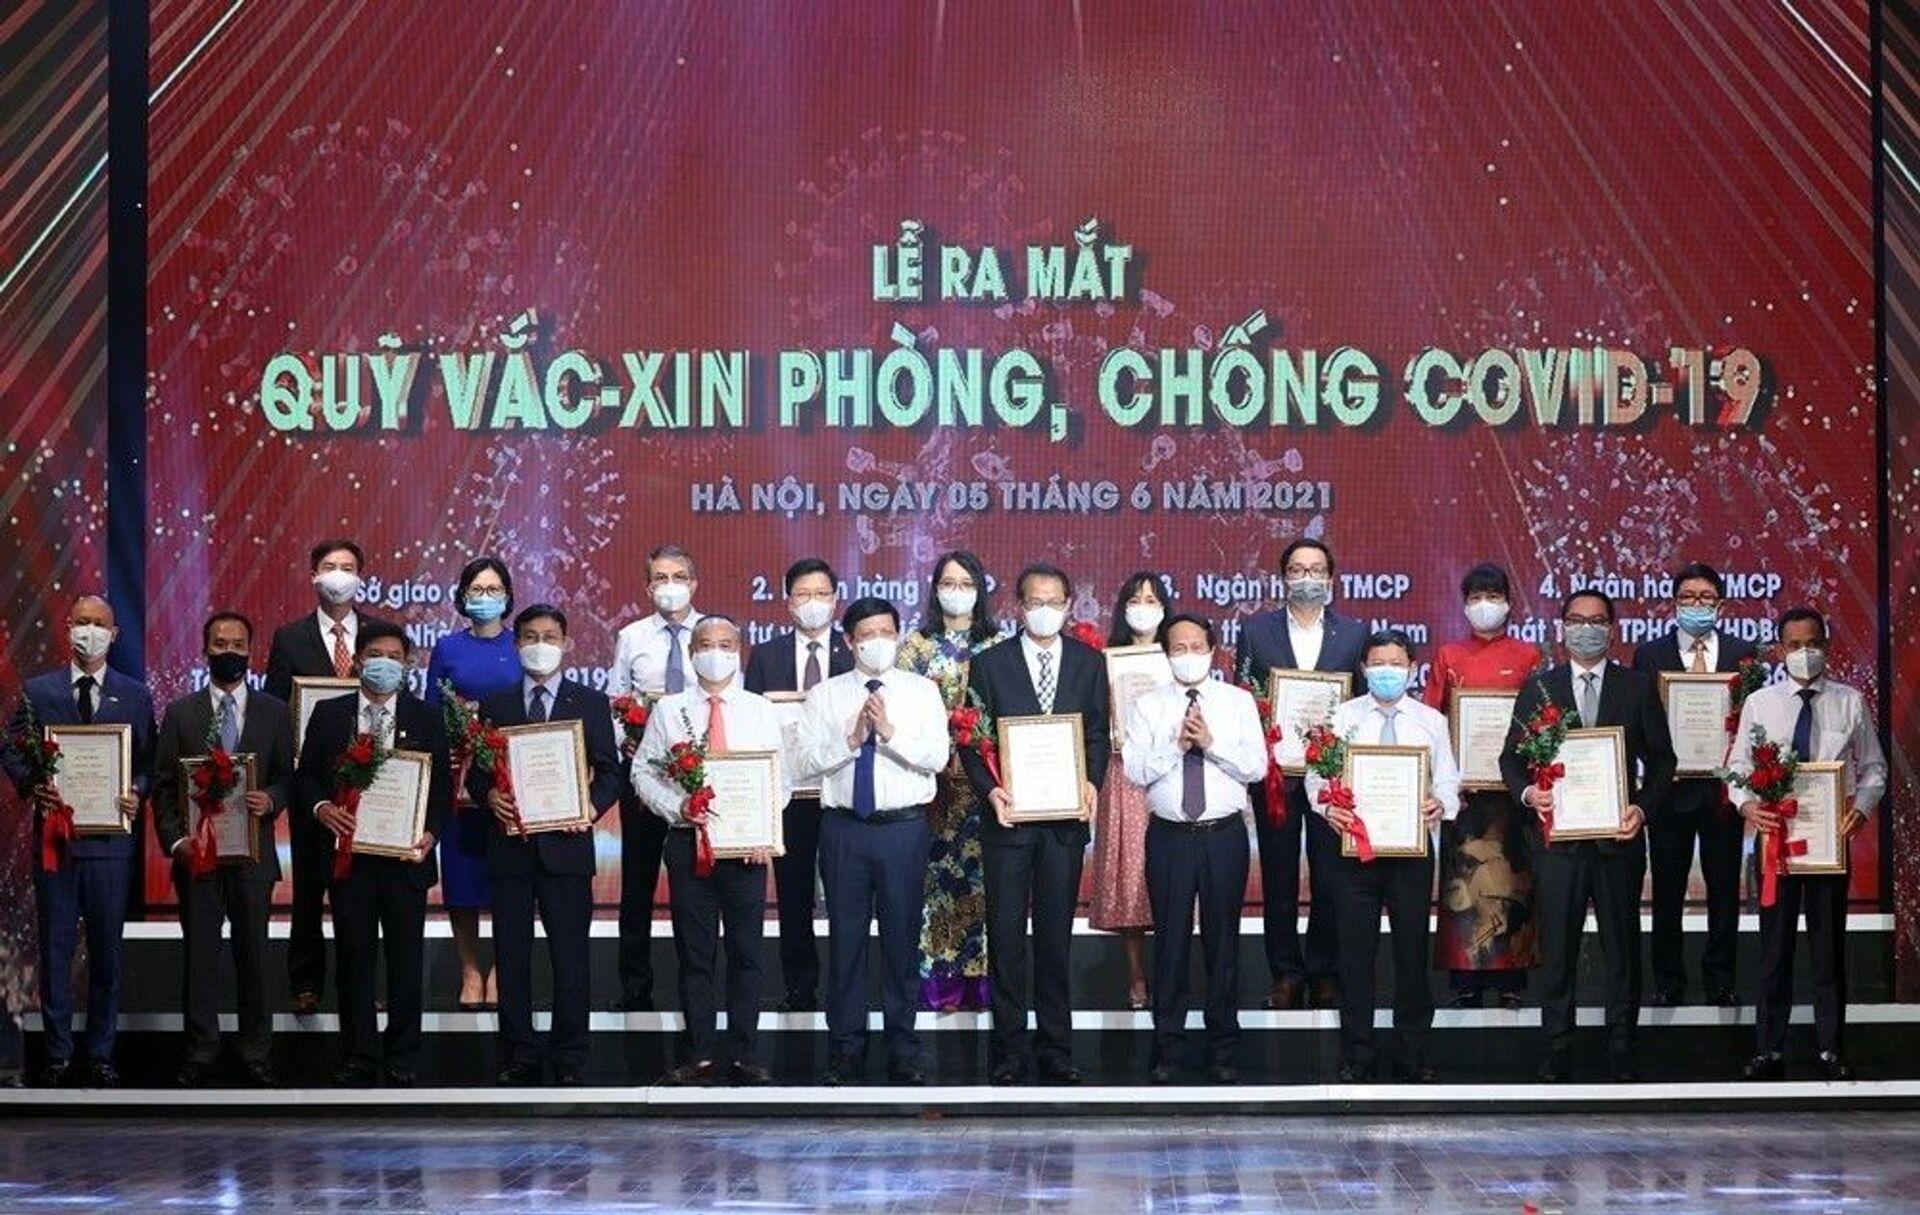 Lễ ra mắt Quỹ vắc-xin phòng, chống Covid-19: Hàng nghìn tỷ đồng ủng hộ đến từ các doanh nghiệp, tập đoàn lớn  - Sputnik Việt Nam, 1920, 06.06.2021